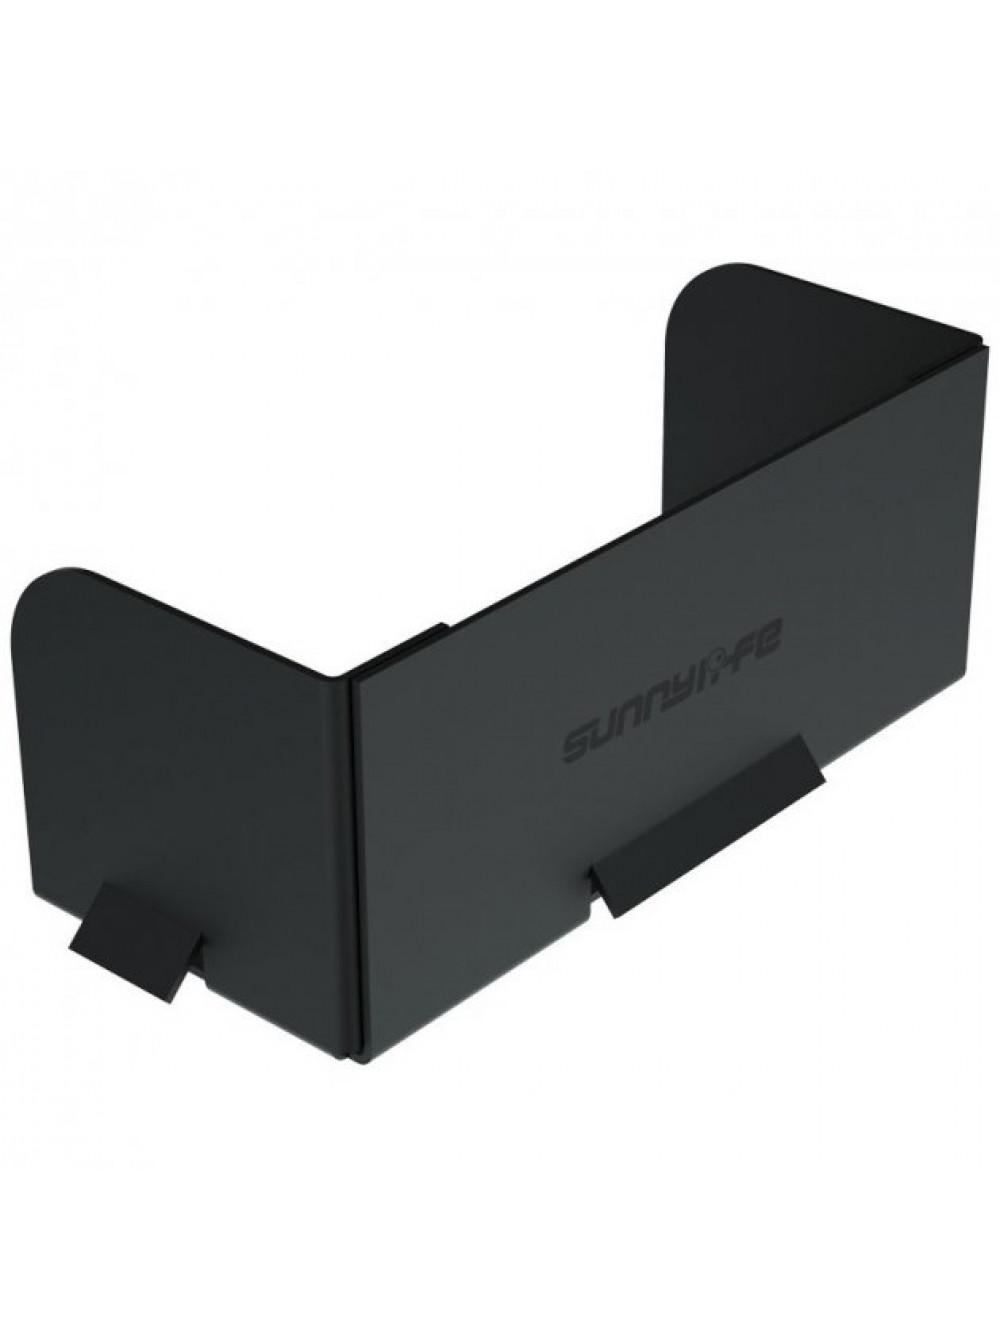 Солнцезащитная шторка Sunnylife AIR2-Q9299 для смартфонов для DJI Mavic Air 2 / Mini 2